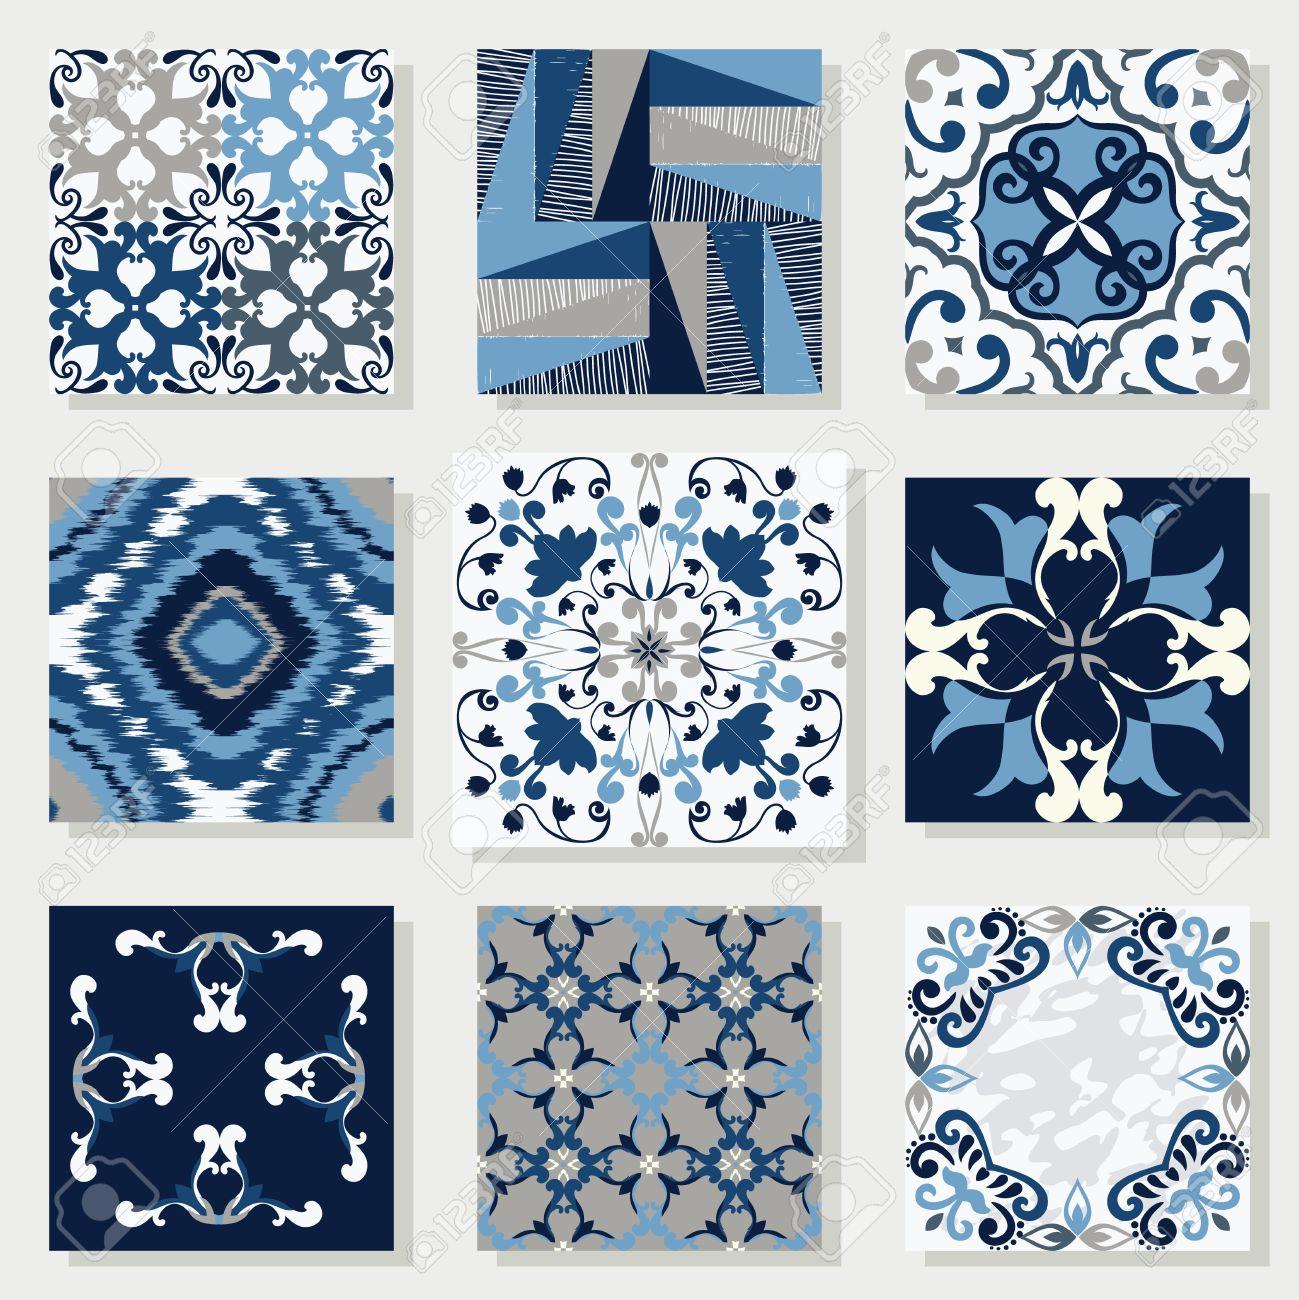 Keramikfliesen  Sammlung Von 9 Keramikfliesen, In Blau-weiß-Stil Lizenzfrei ...